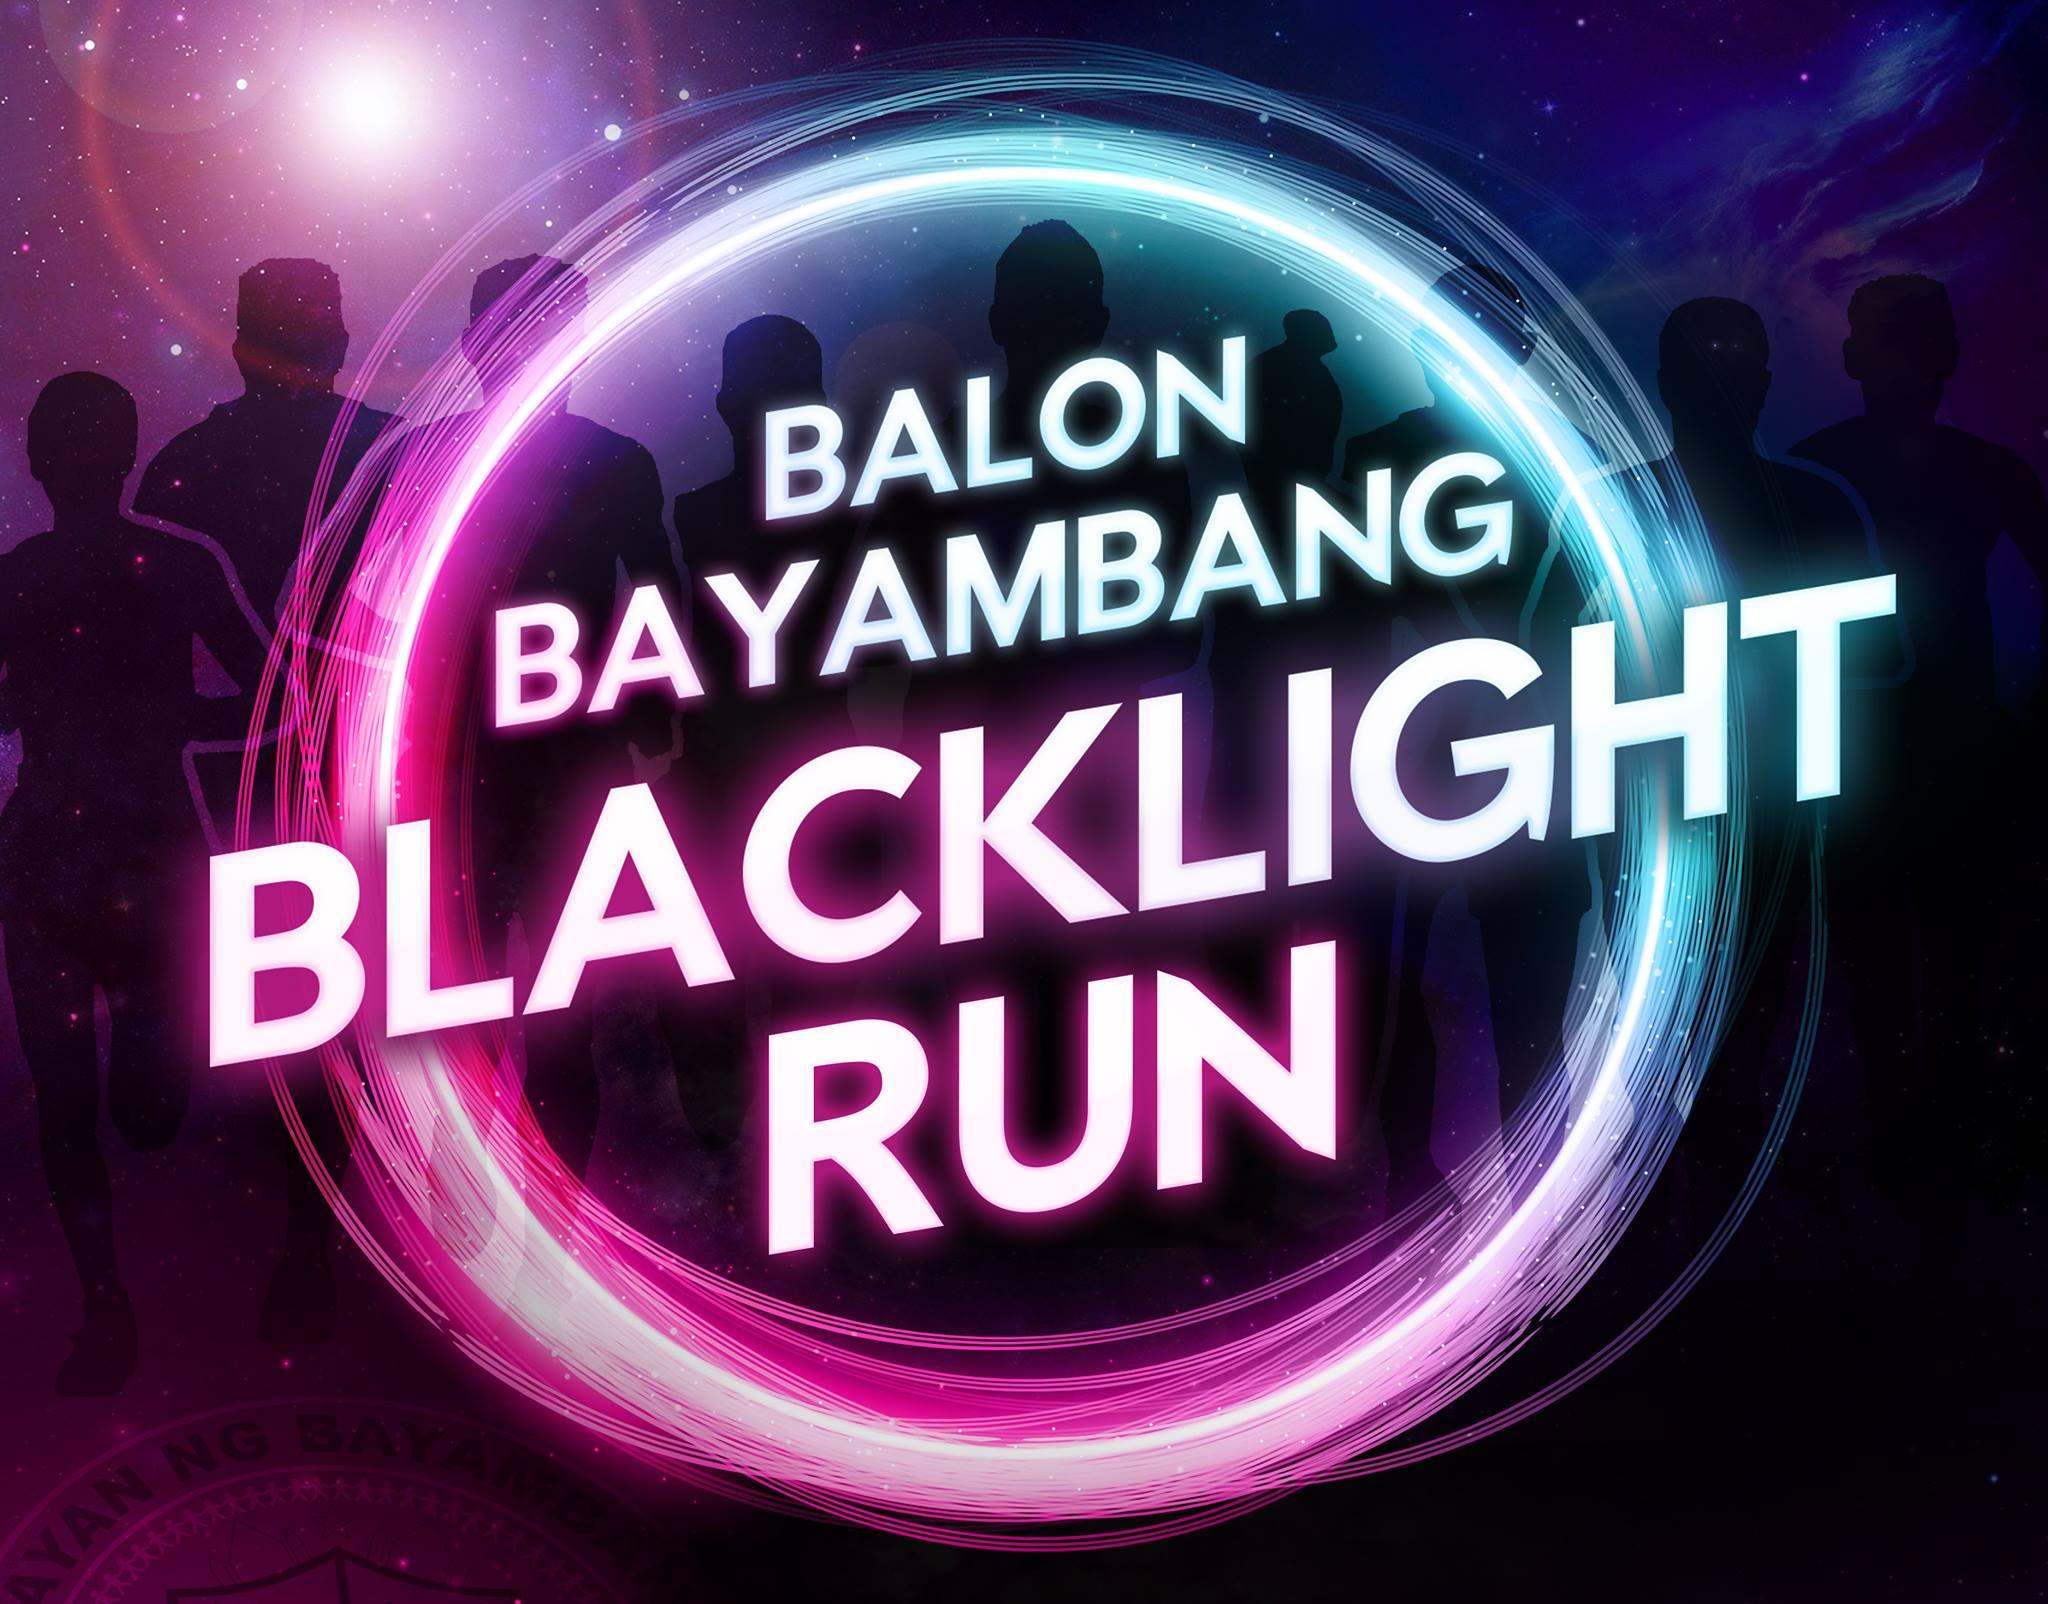 BALON BAYAMBANG BLACKLIGHT RUN | Glow-in-the-Dark Fun